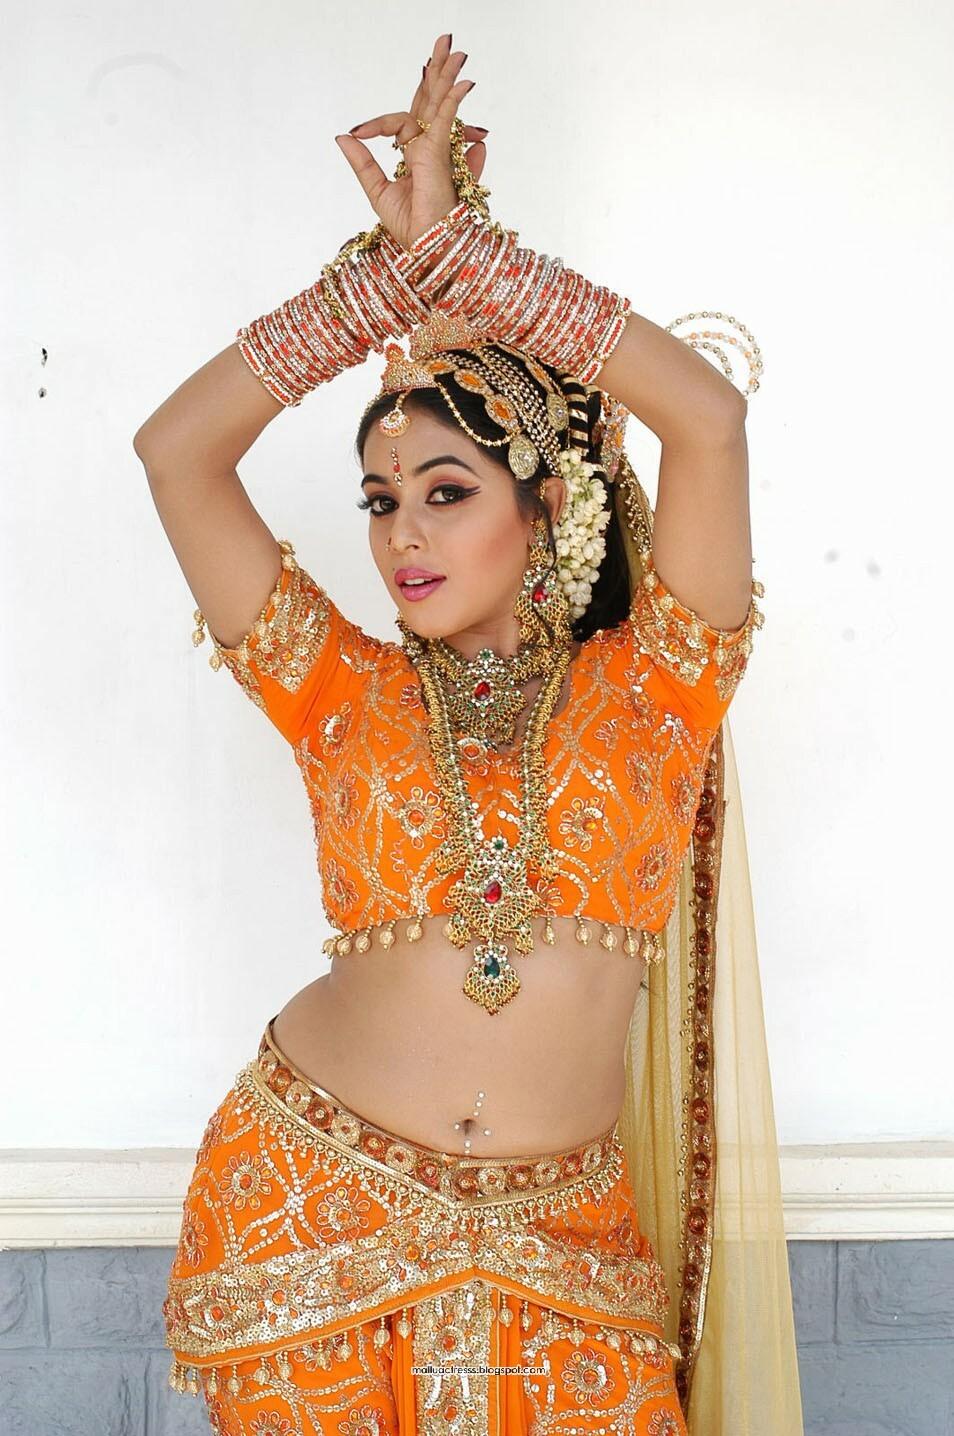 Http malayalamserialactressphotos blogspot com 2012 06 malayalam